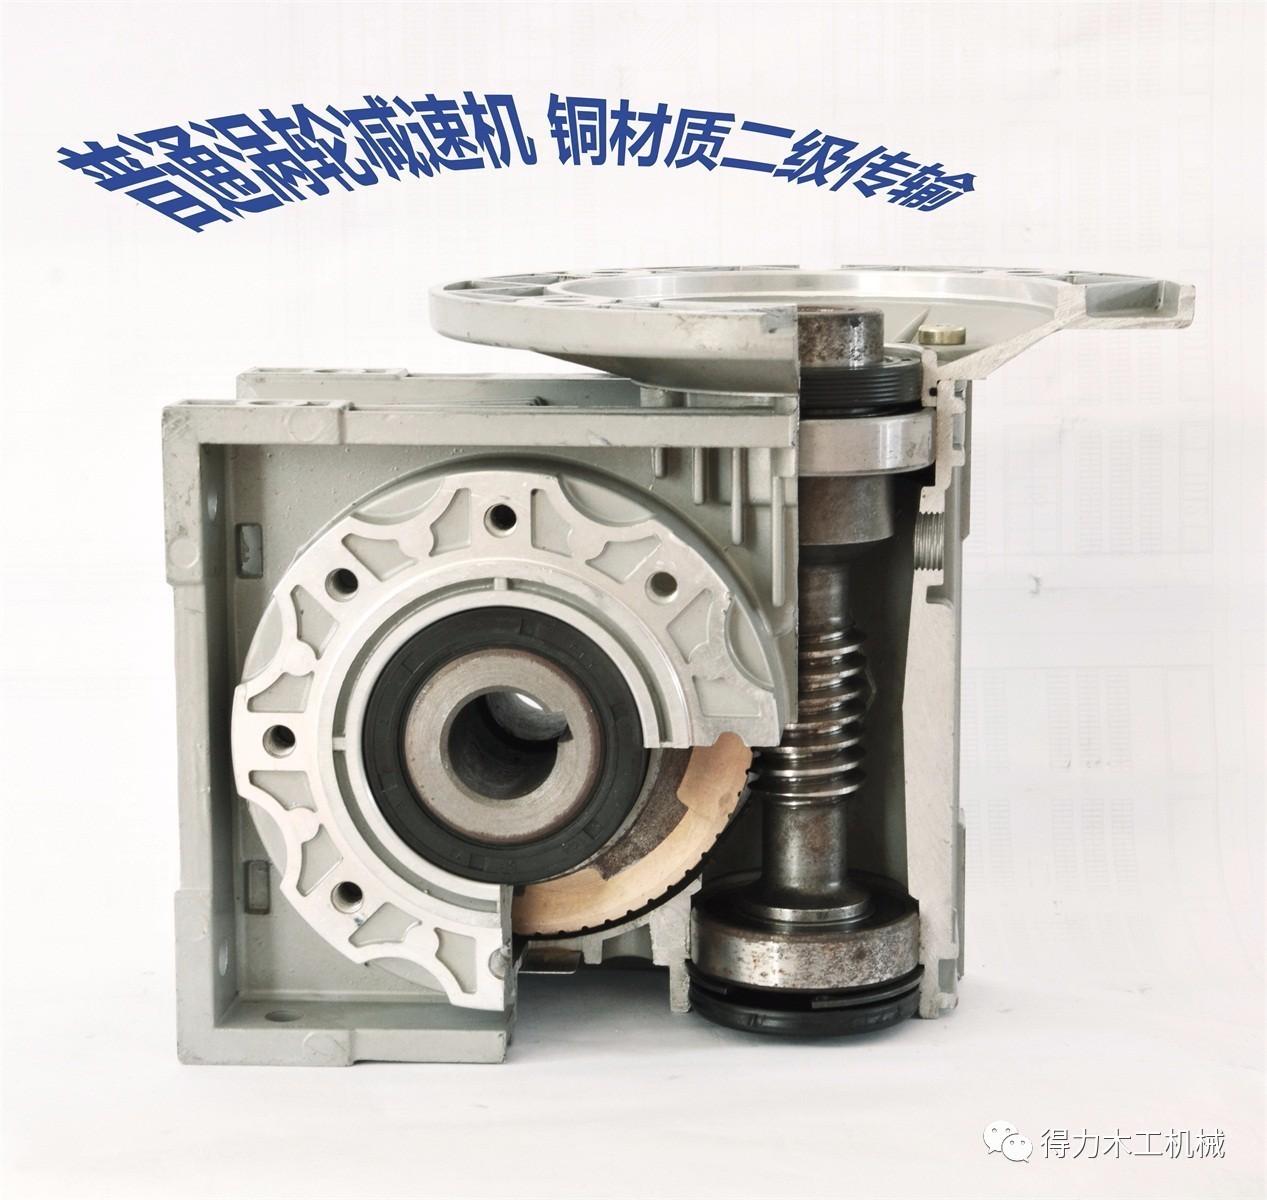 MJ-F3-250-70-4D 高速型-得益力产品视频